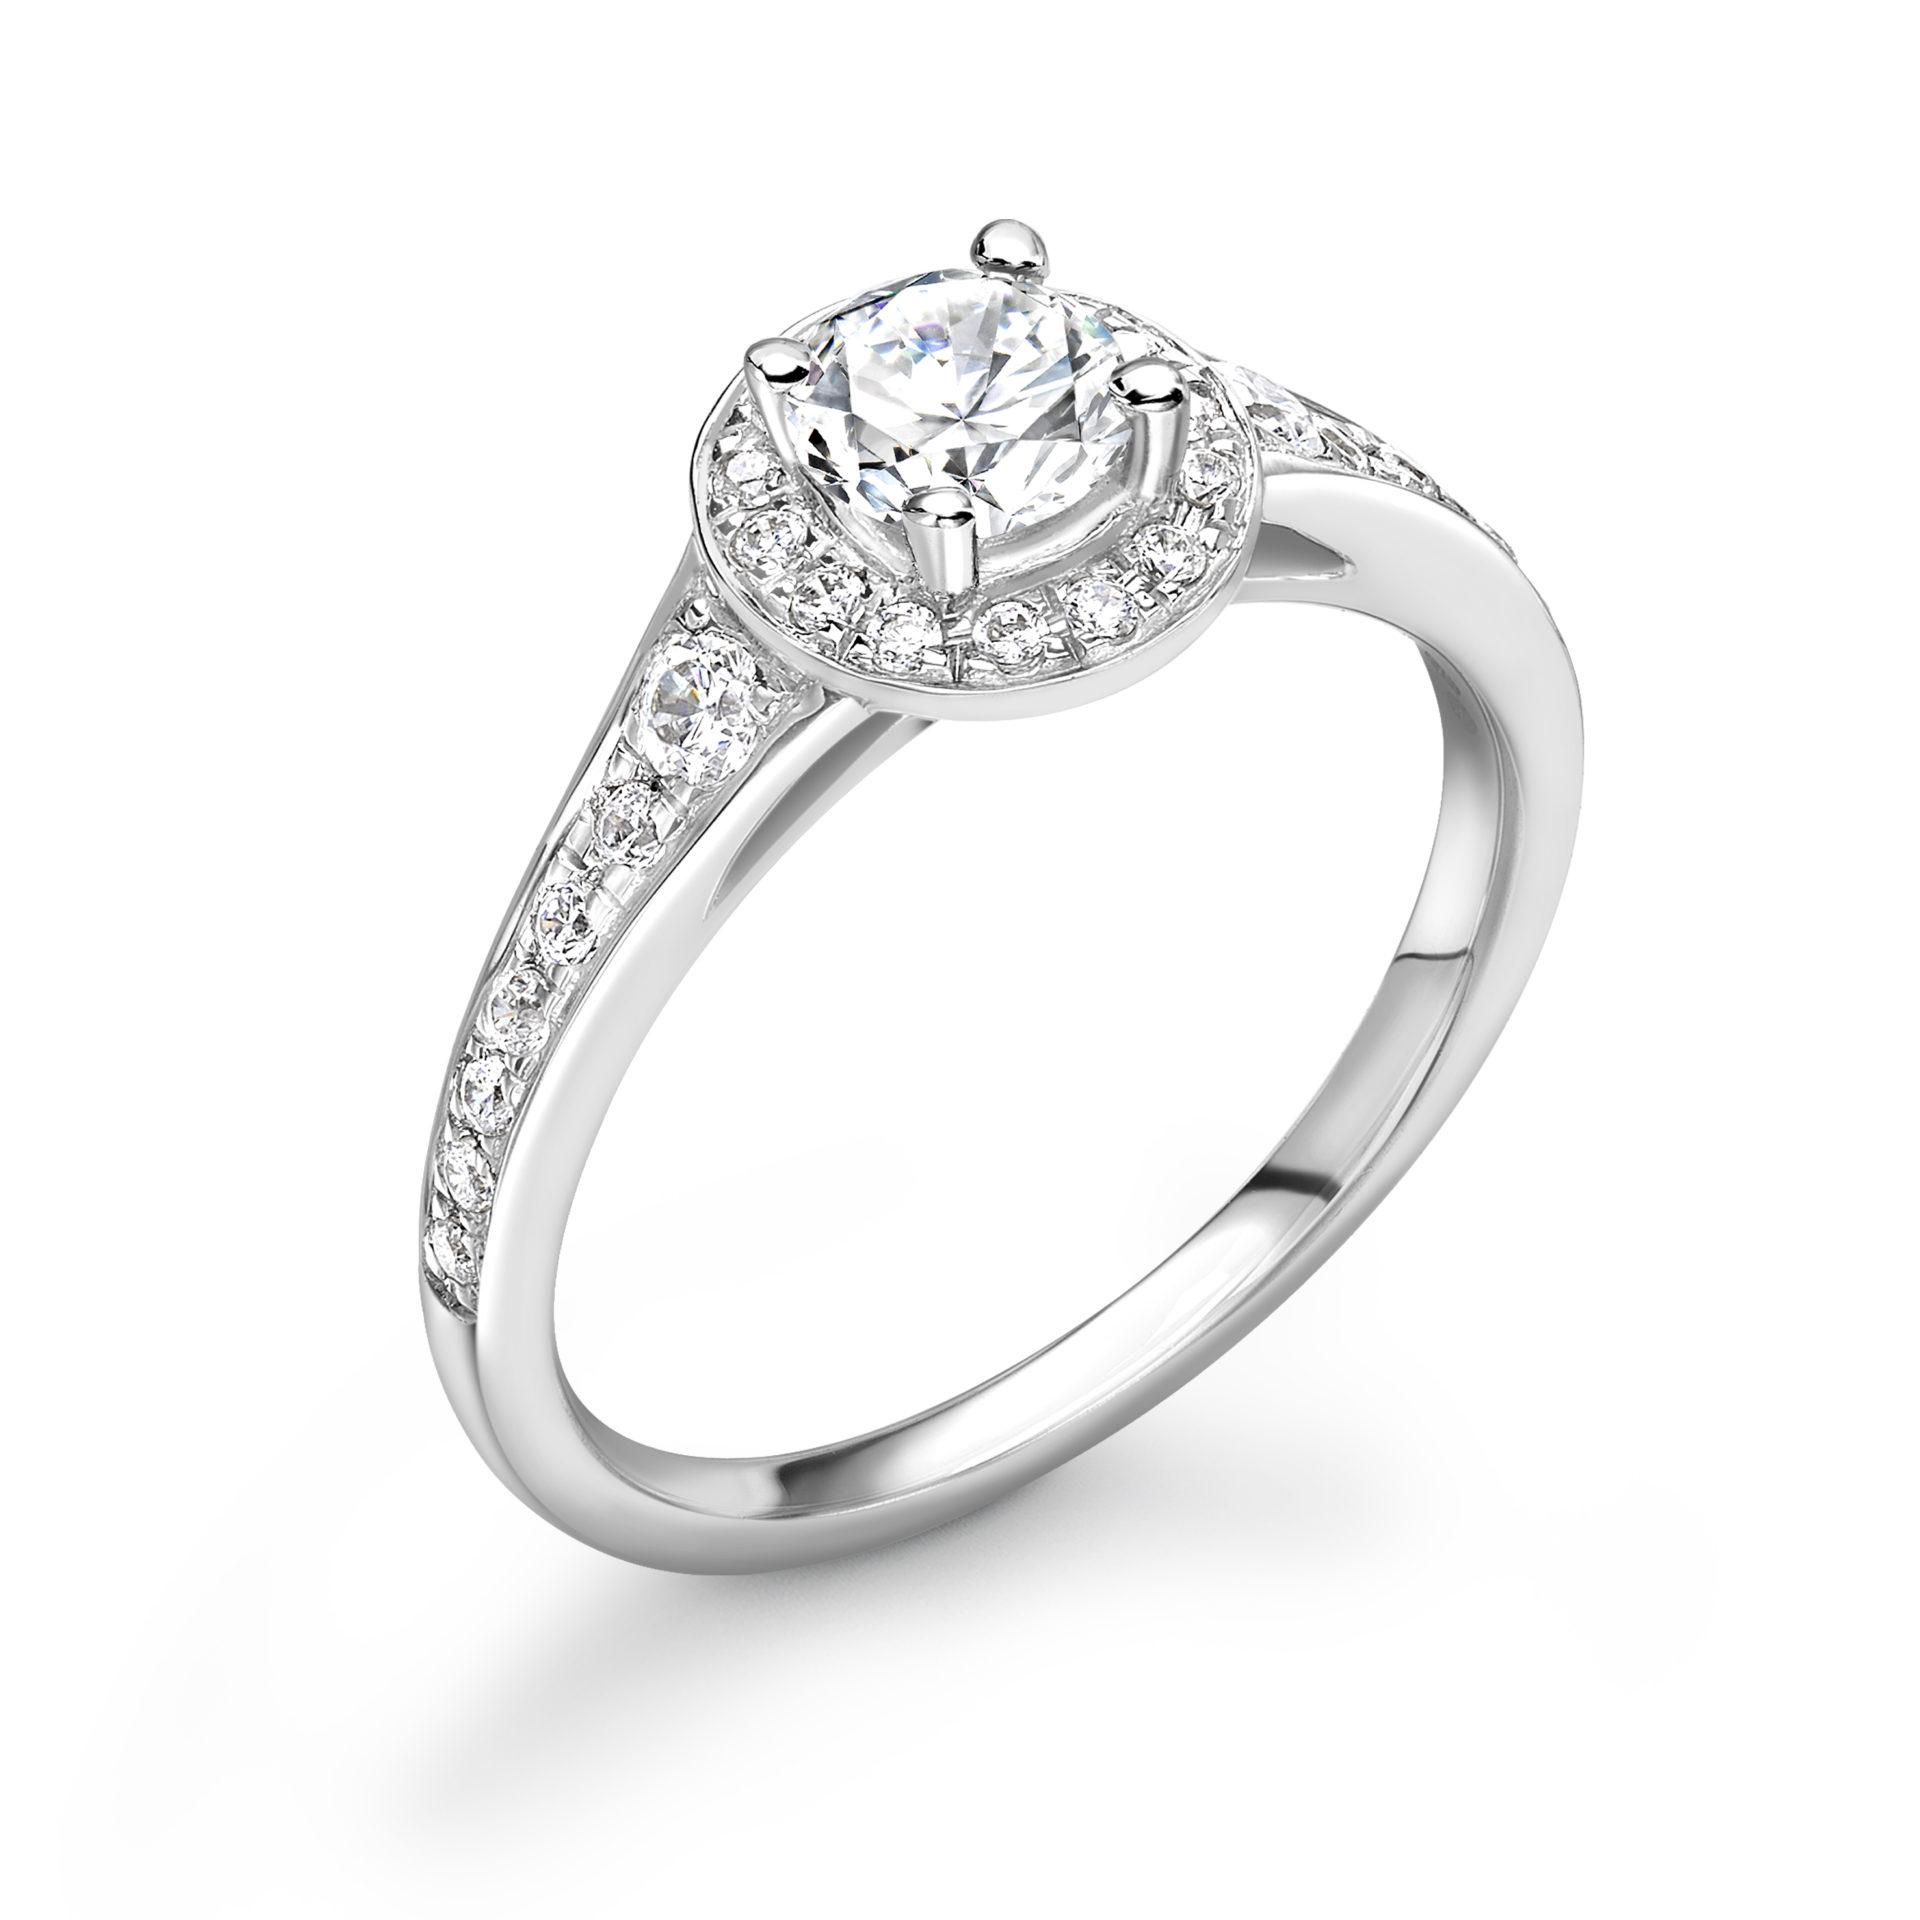 Kym-ring